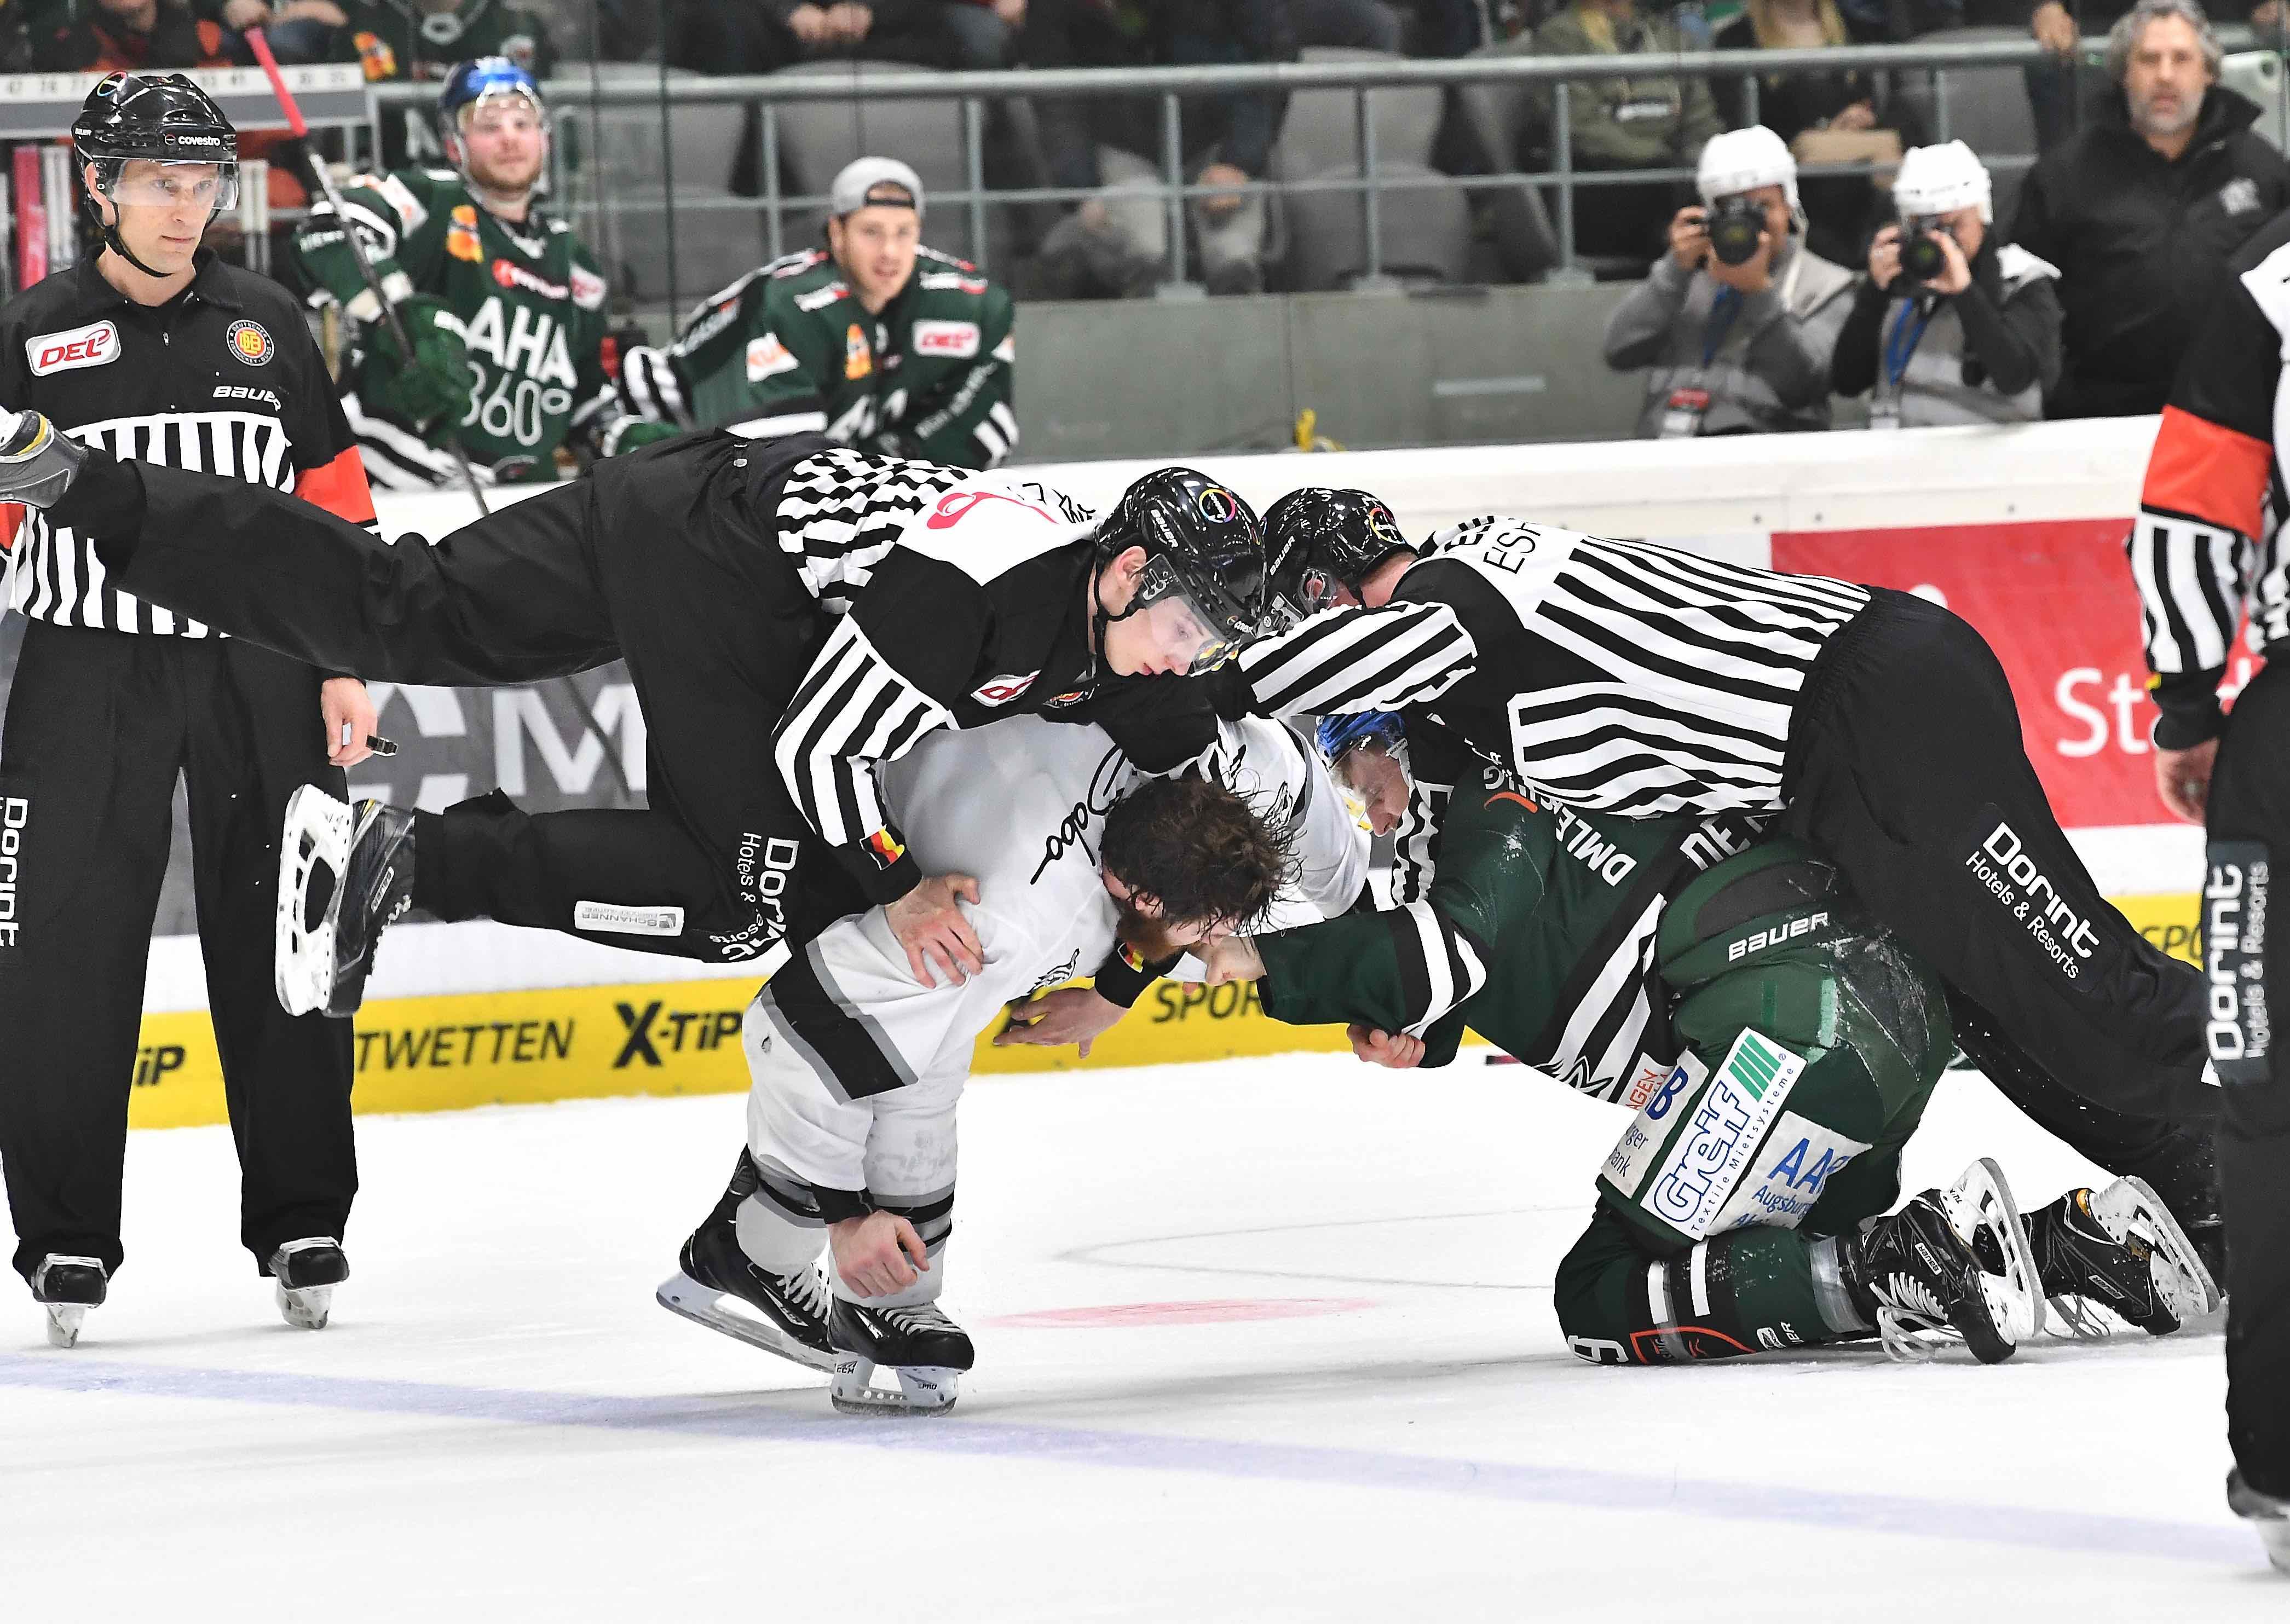 Die Playoffs finden ohne die Augsburger Panther statt - Archivfoto (c) Siegfried Kerpf